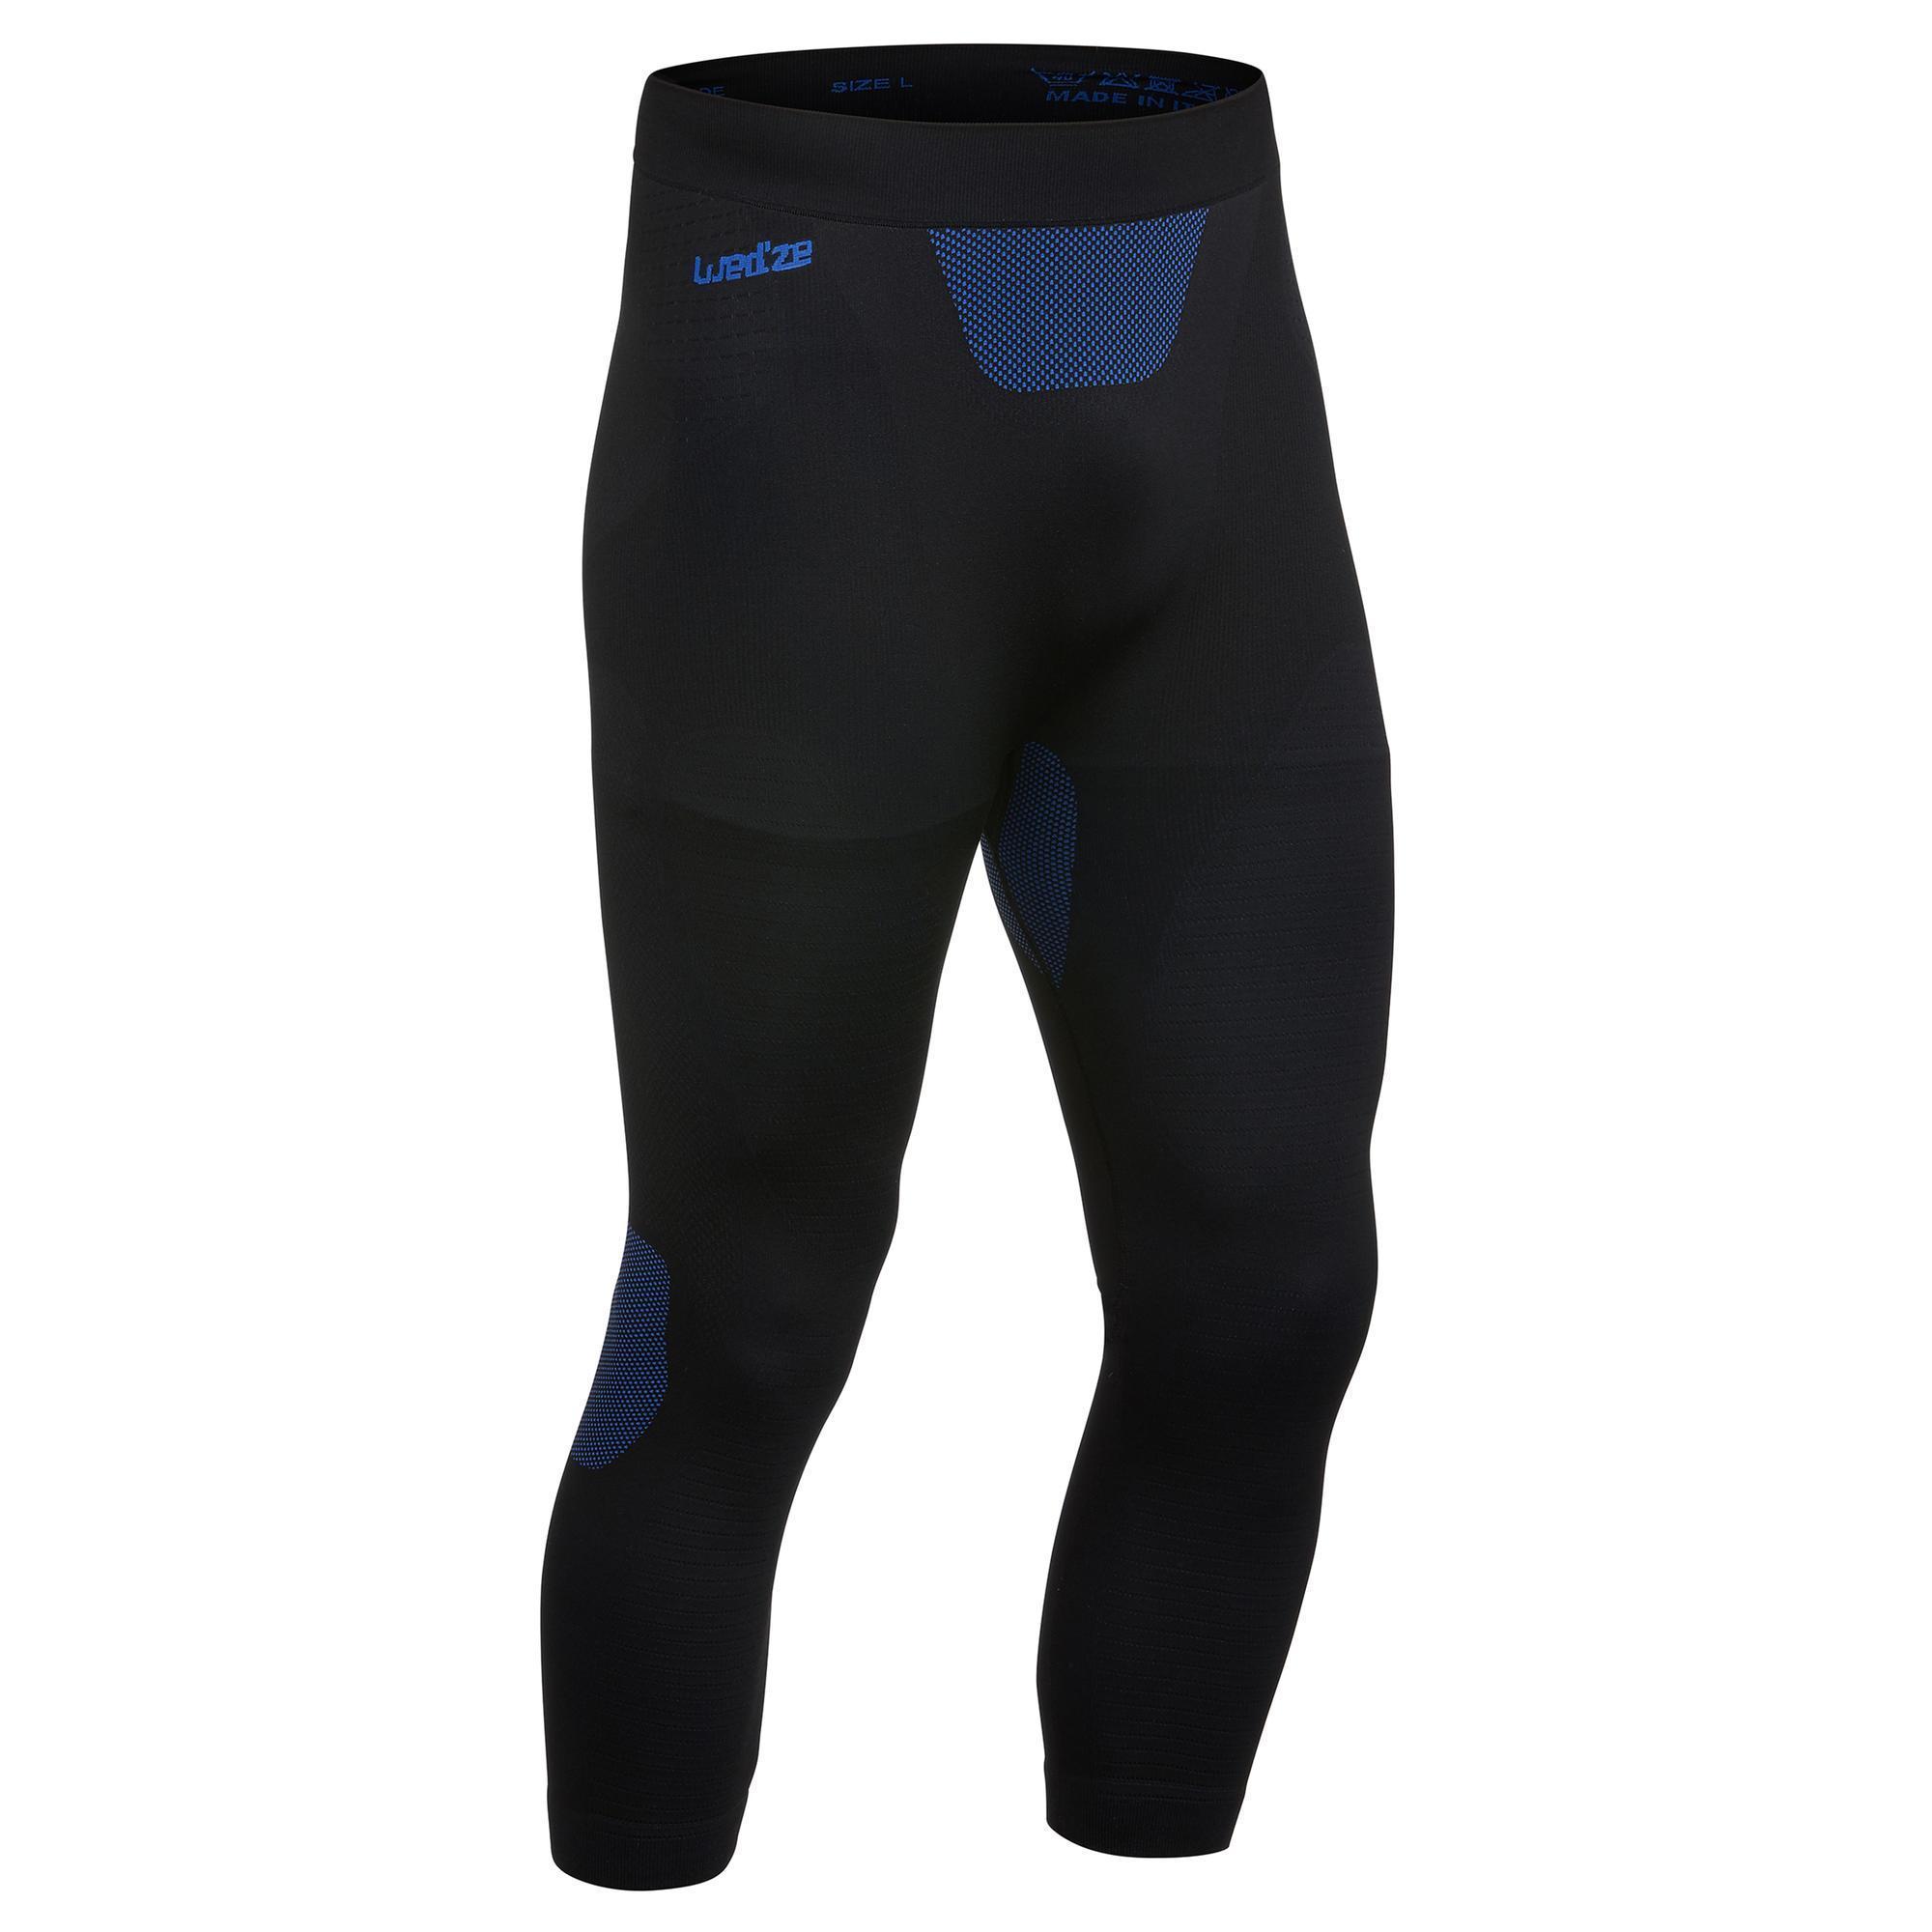 Wedze Sous-vêtement de Ski Homme Bas i-Soft Noir - Wedze